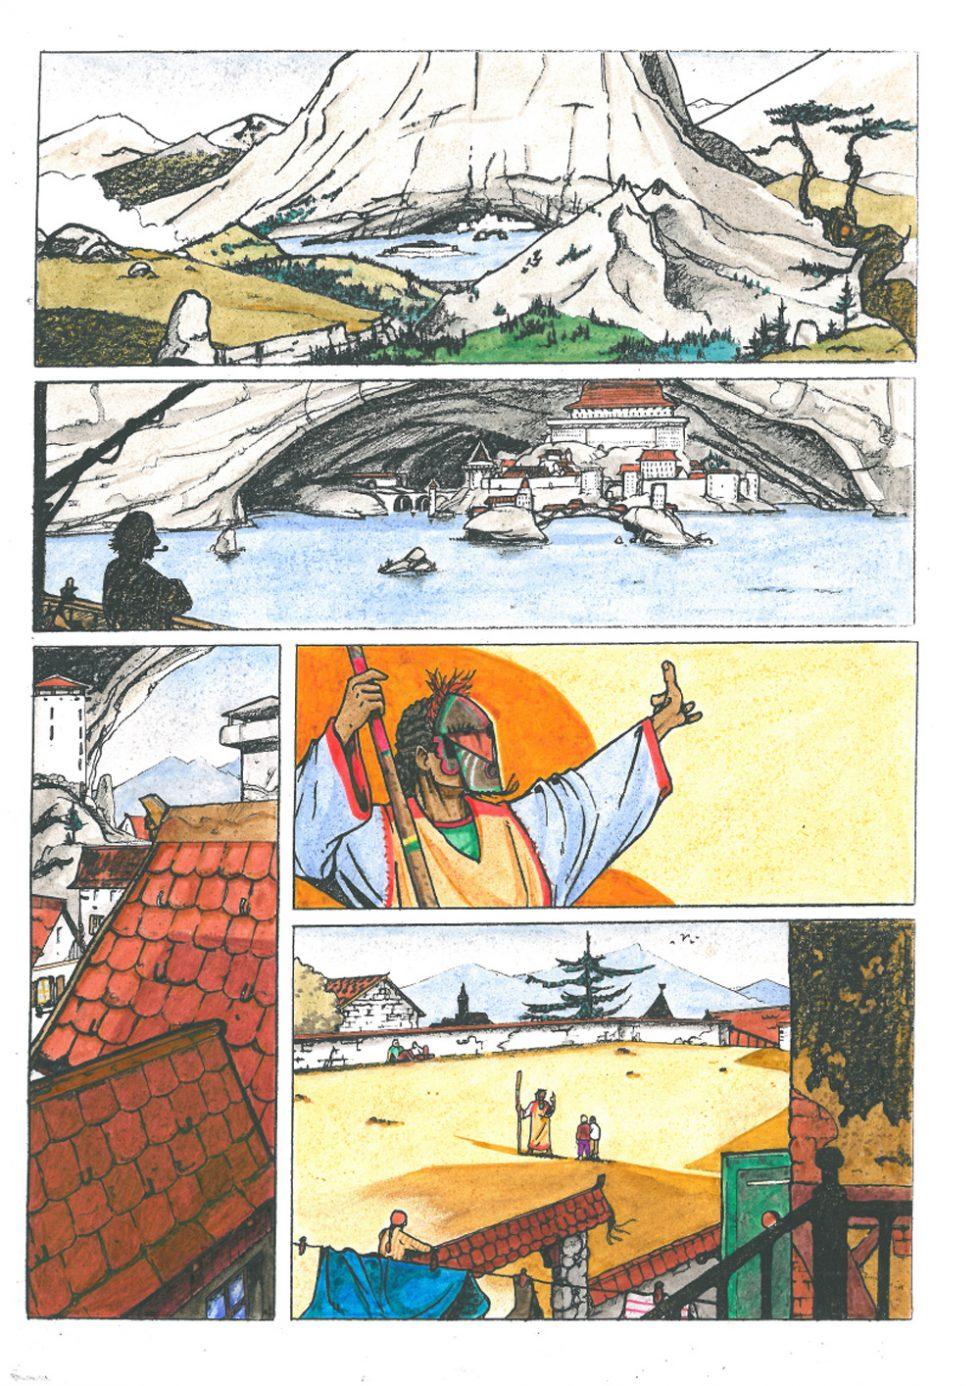 Projet MISATOL par Samuel LOUART - Version 2 - Planche 1